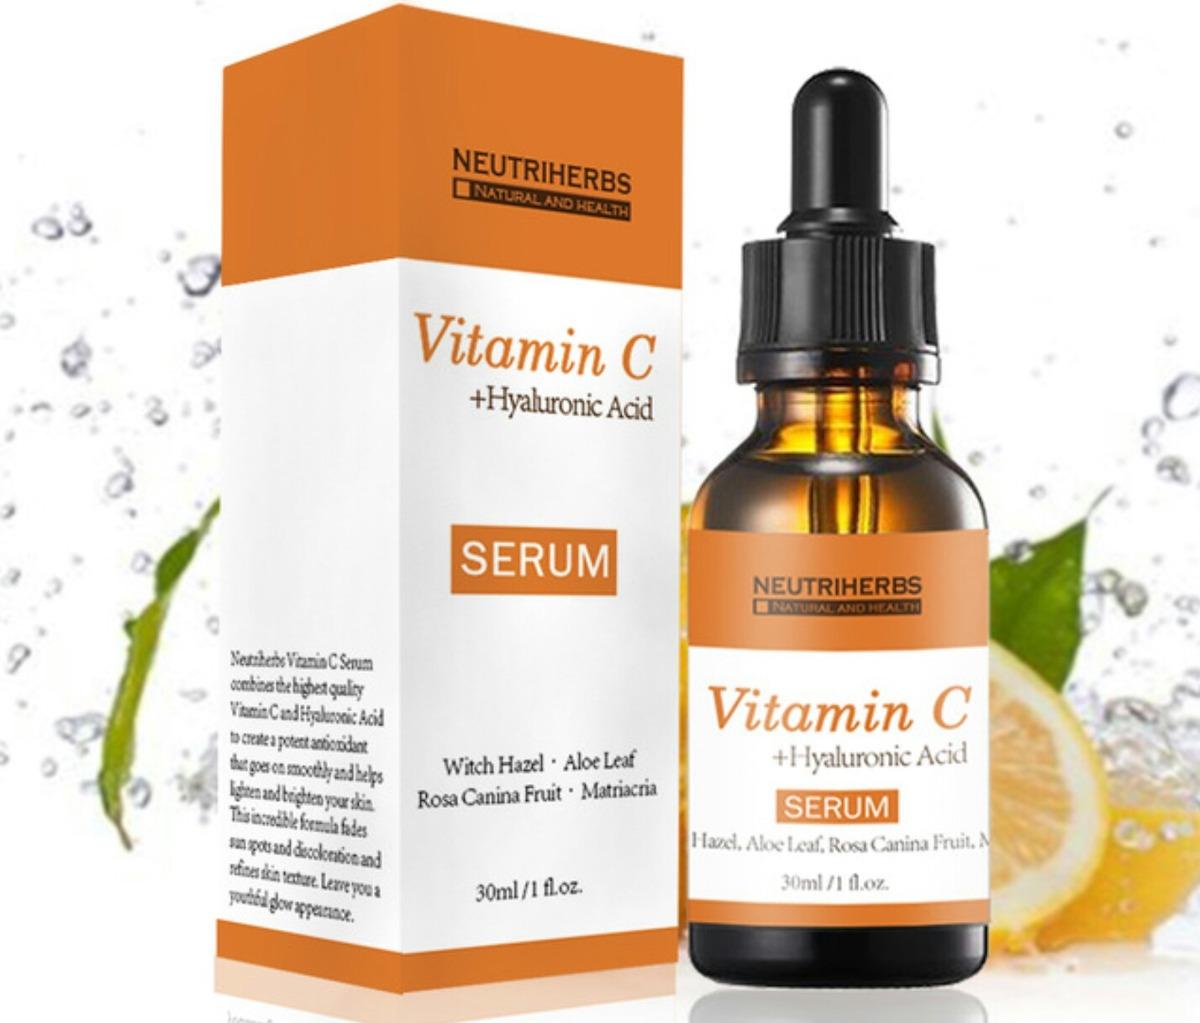 Conforama Aparador Atlanta ~ Vitamina C + Acido Hialuronico Neutriherbs Colageno 30ml R$ 139,90 em Mercado Livre